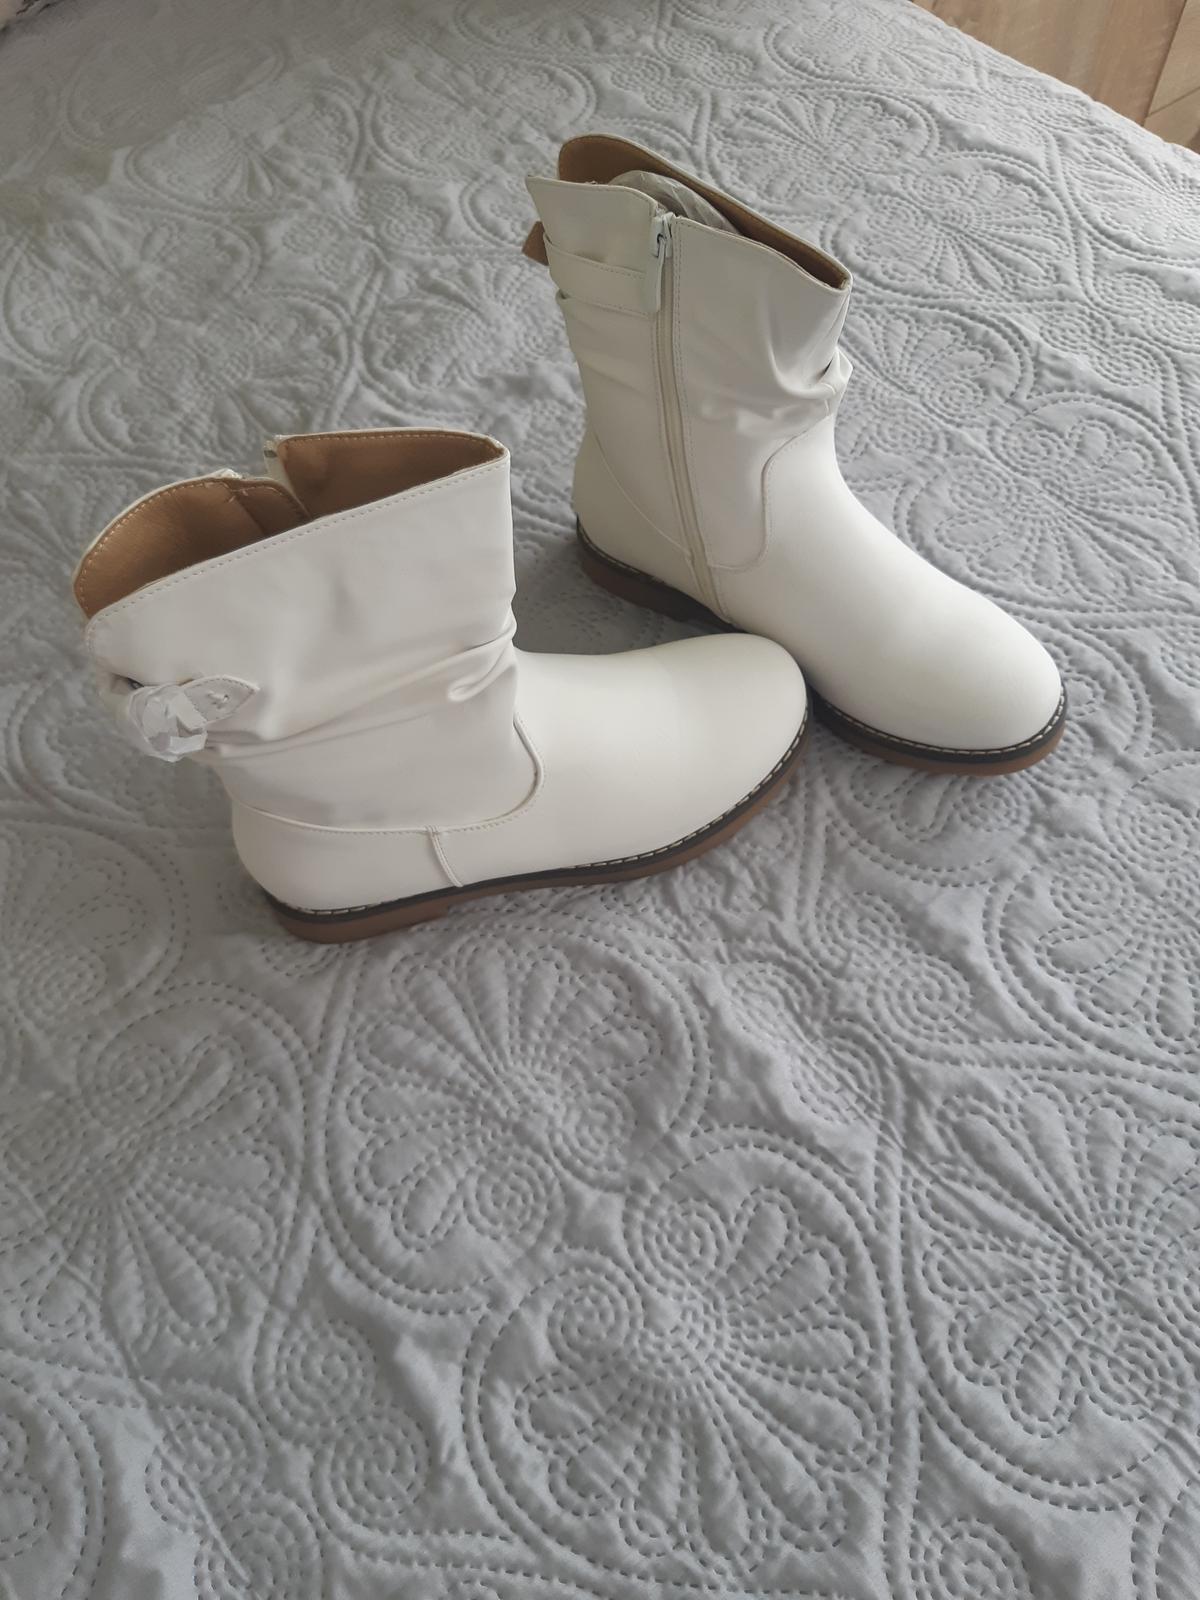 Biele dámske čižmy - Obrázok č. 1